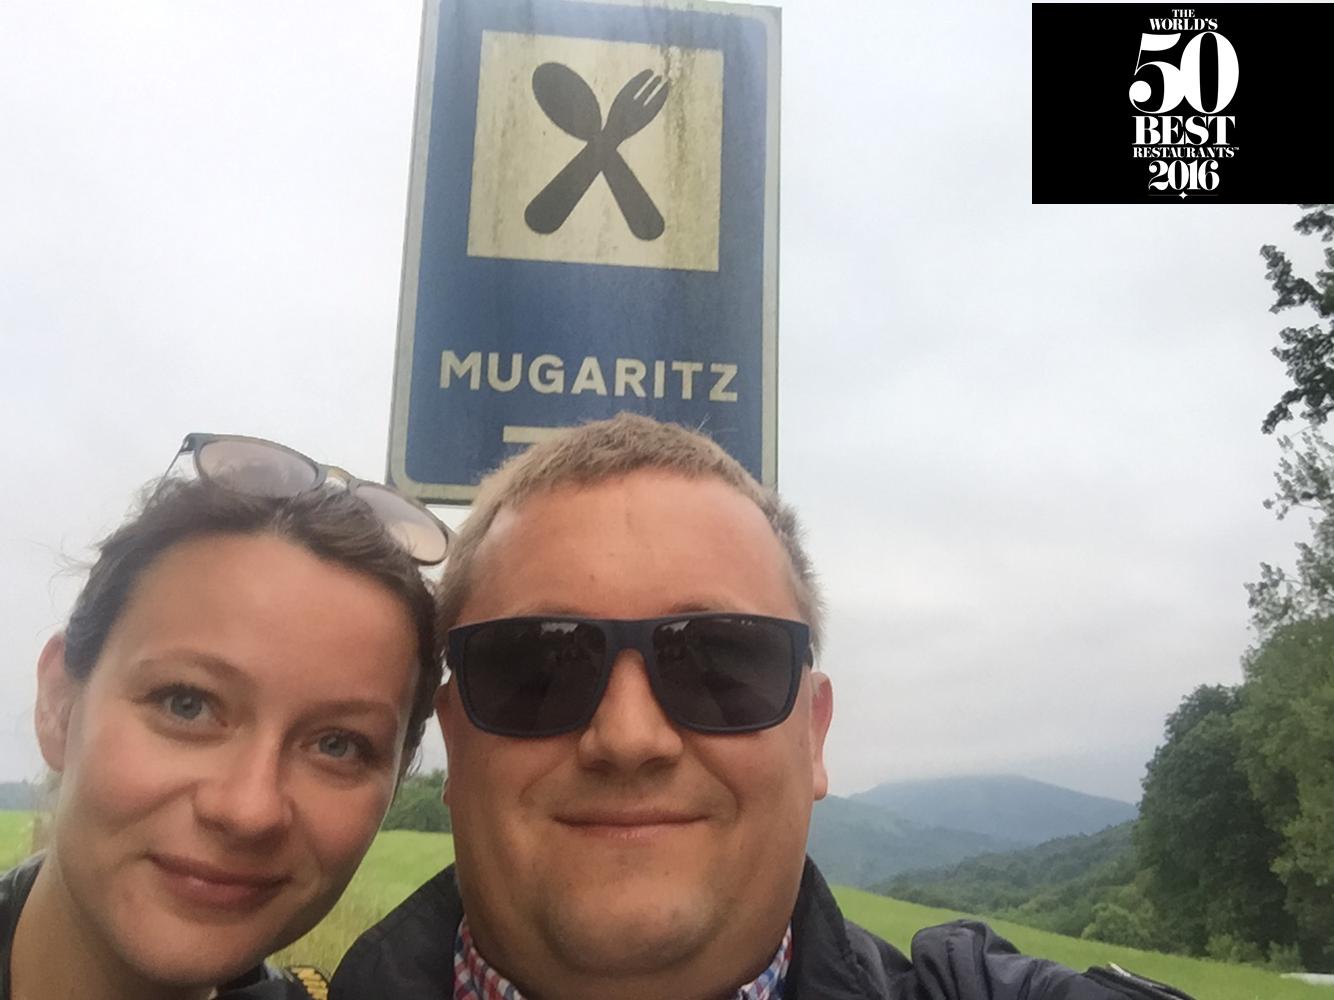 Mugaritz, Errenteria, Kraj Basków, najlepsze restauracje świata, 50 World's Best Restaurants,